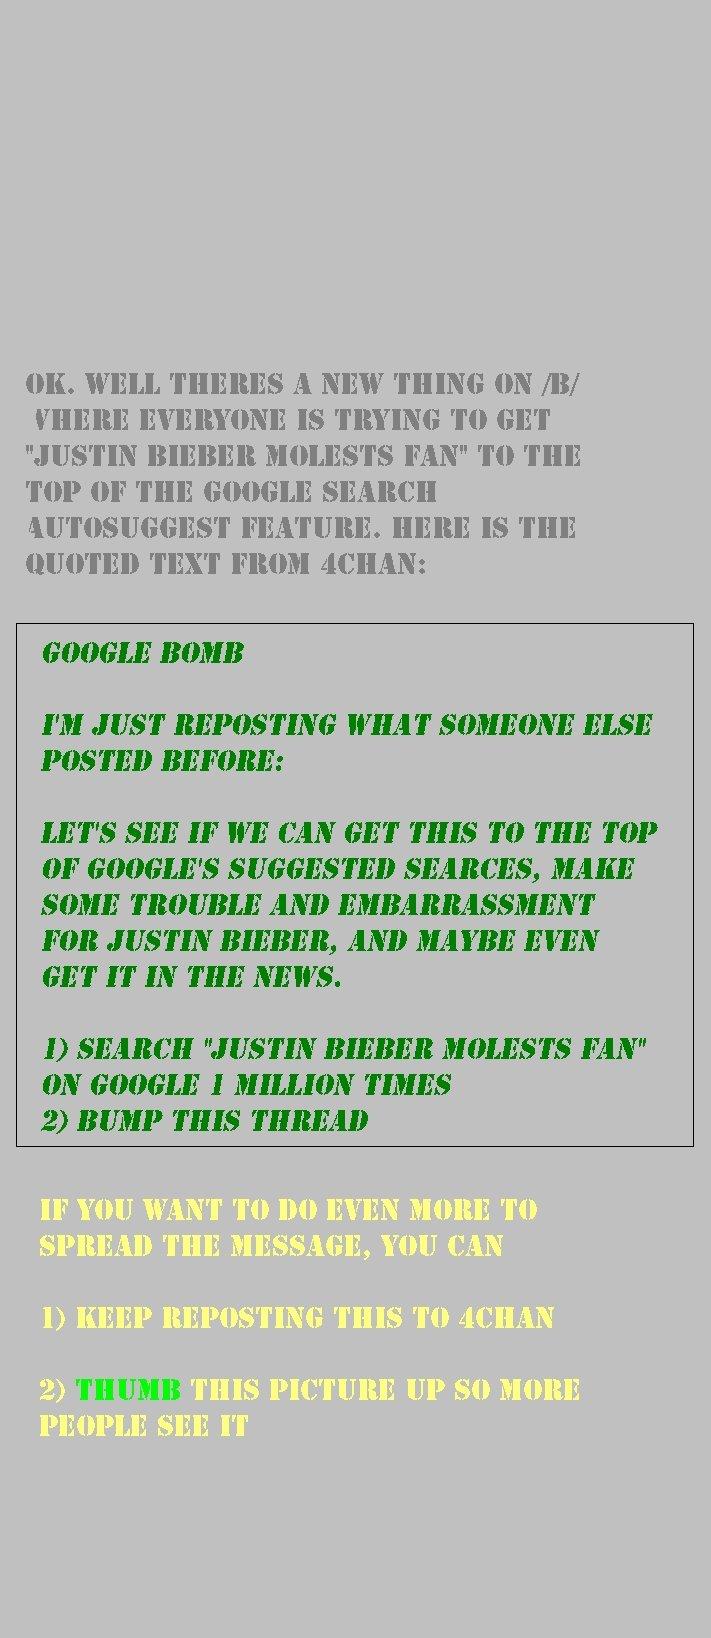 """Troll Bieber. It's making news guys: <a href="""" target=blank>www.currentblips.com/2010/07/justin-bieber-molests-fan-story-is.html</a><br /&gt"""